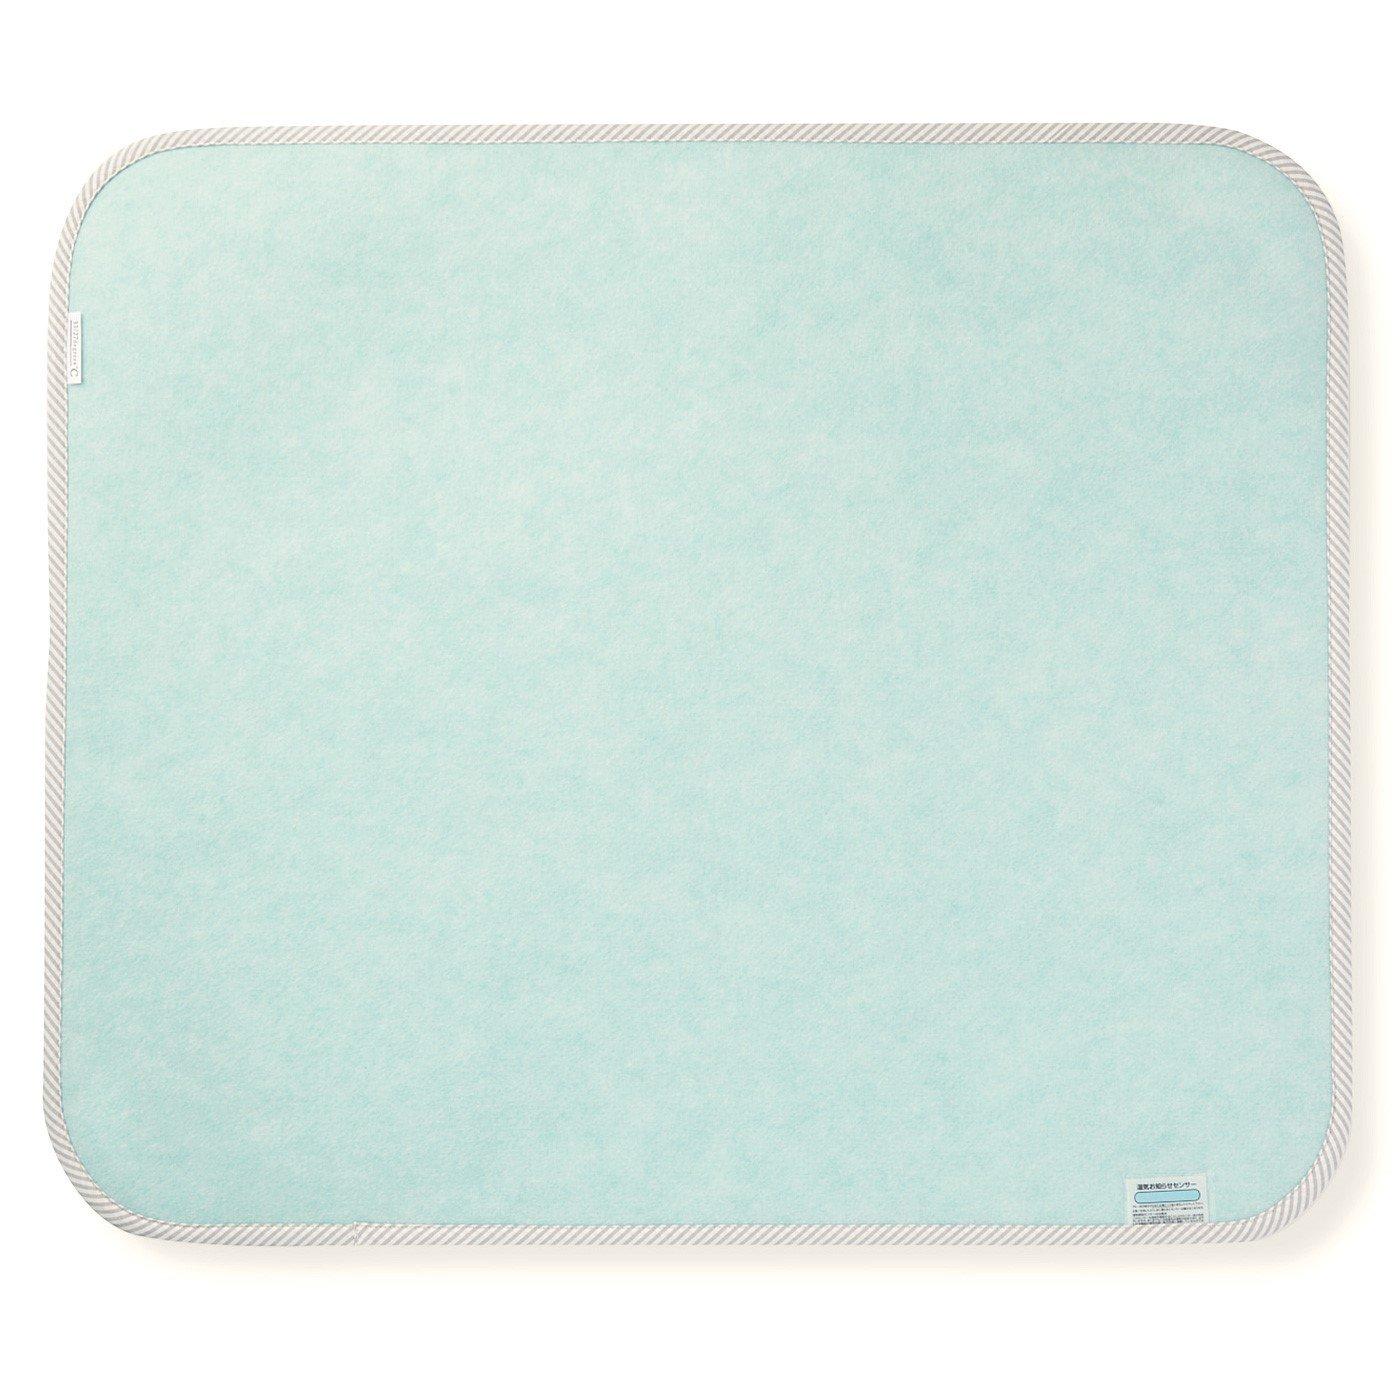 布団の湿気を吸収 繰り返し使える吸湿シート